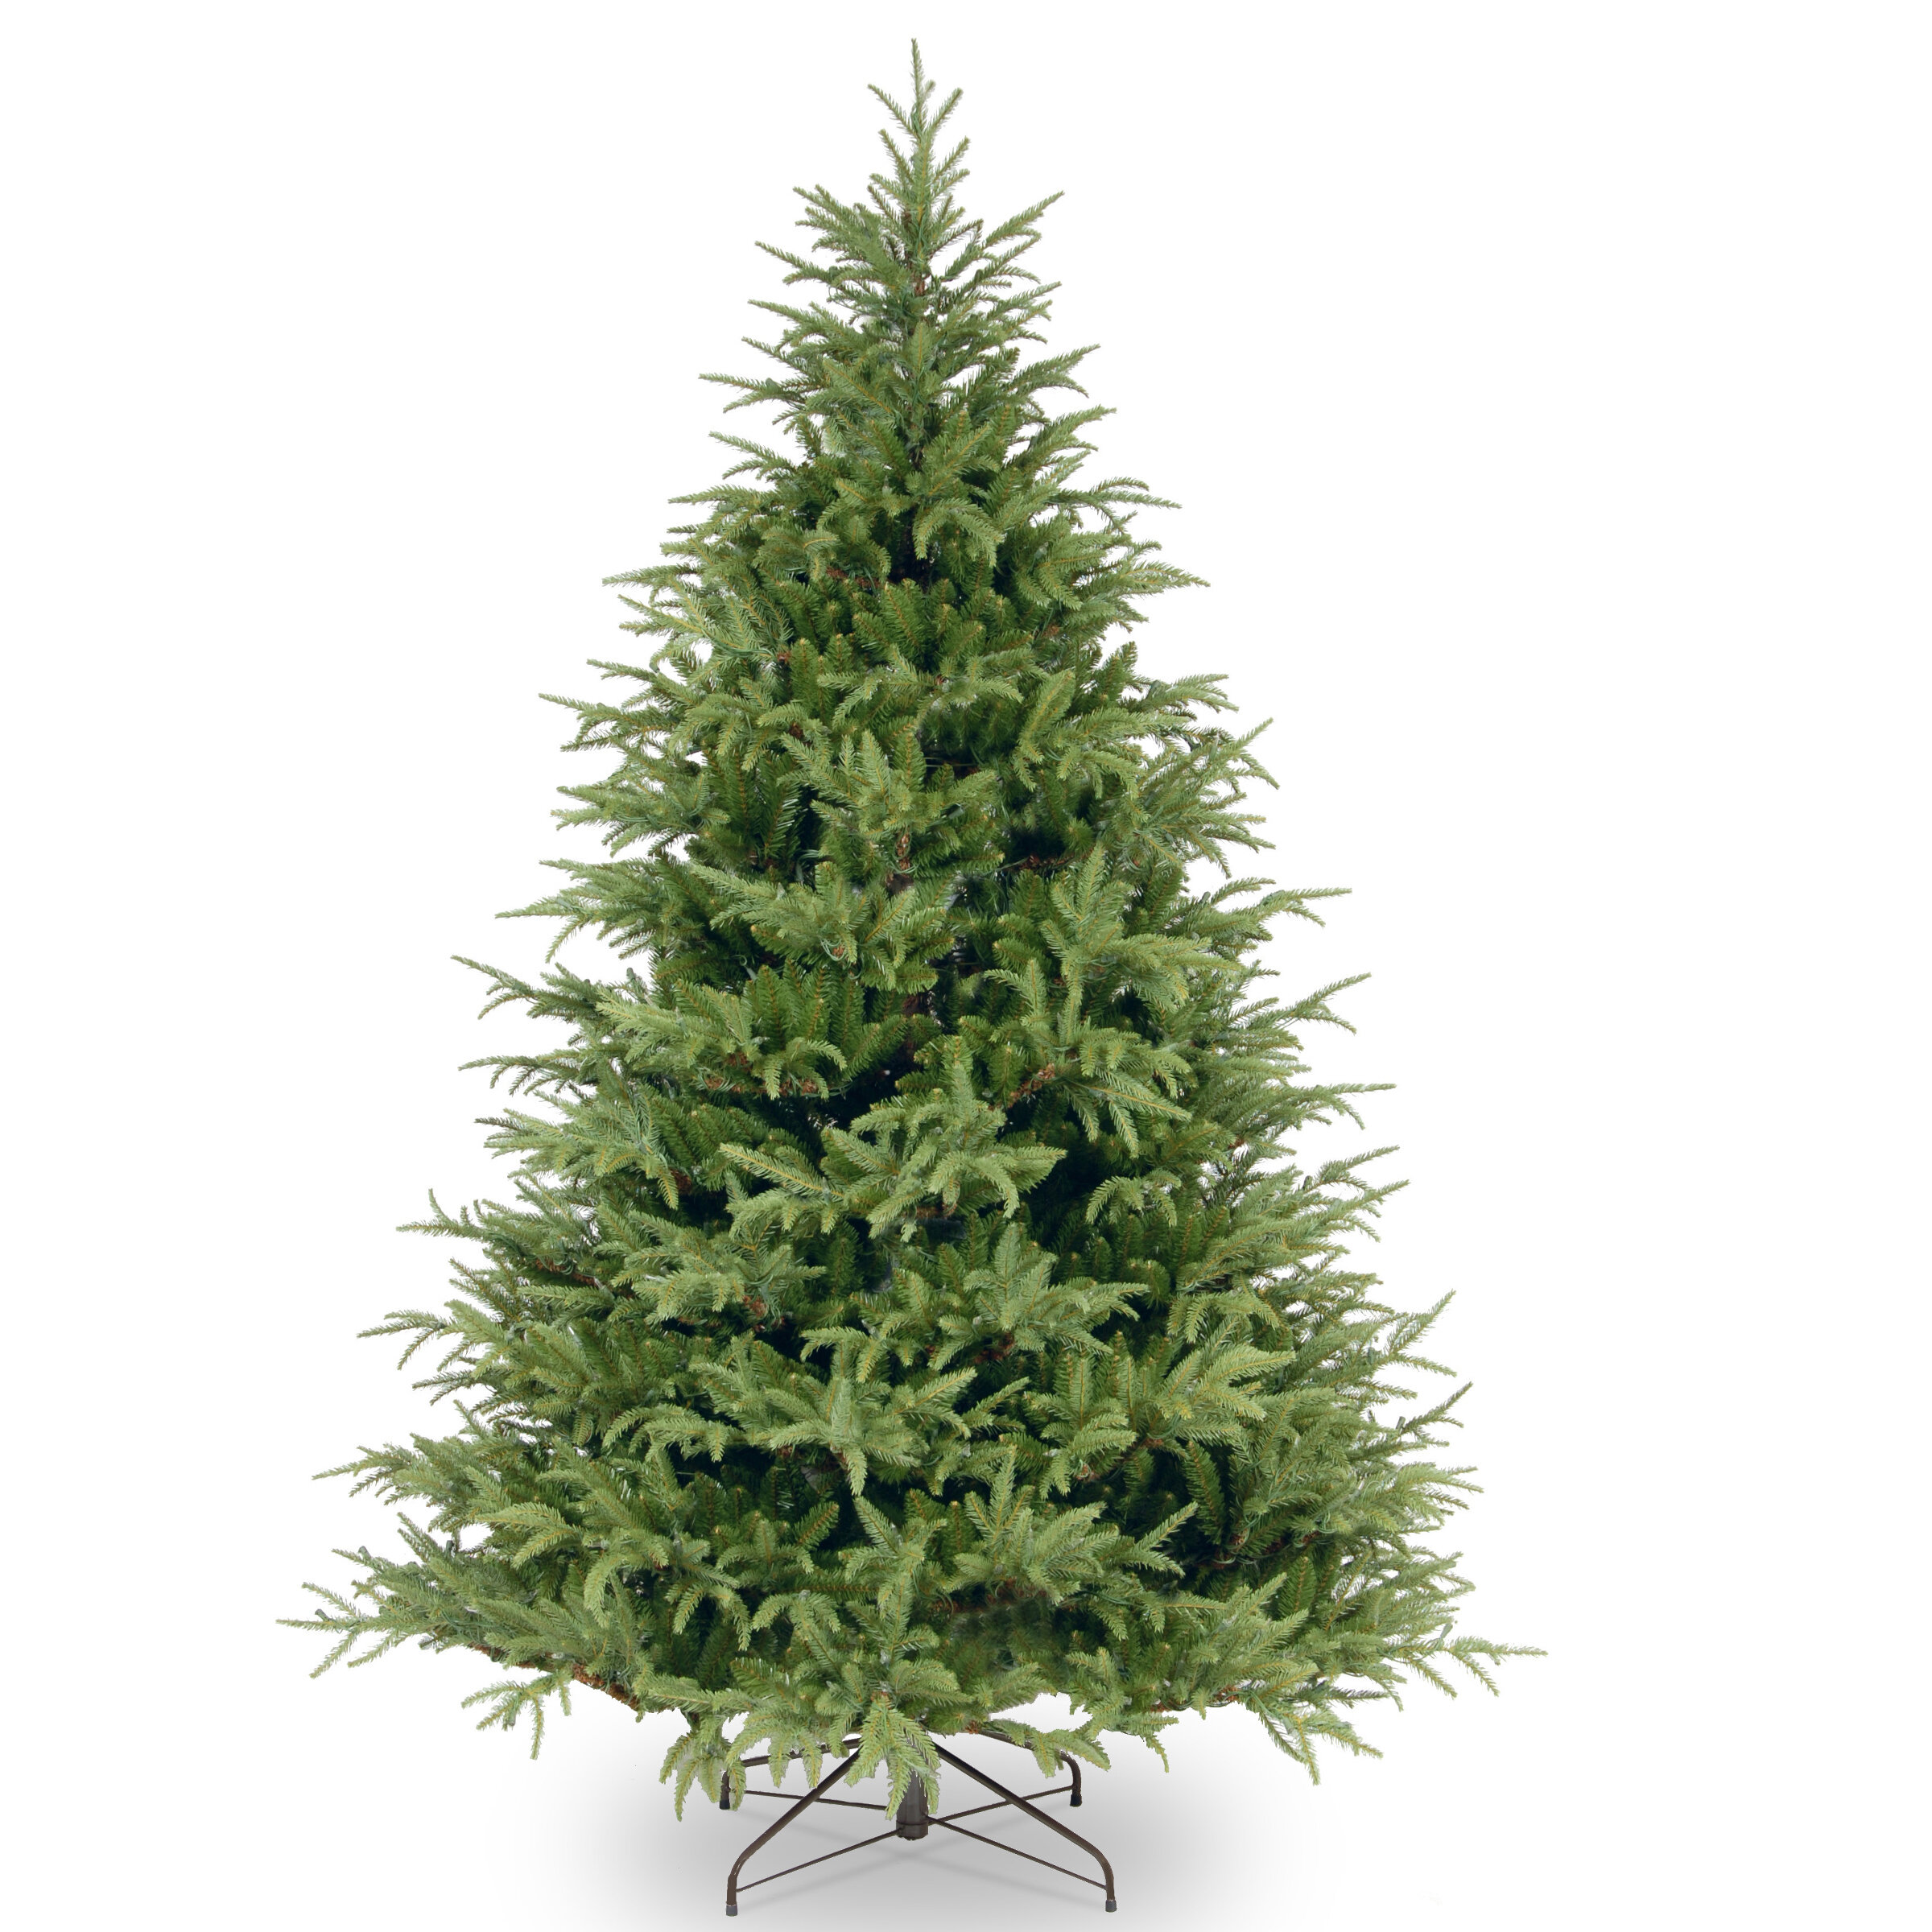 7 5 Green Fir Artificial Christmas Tree Reviews Birch Lane